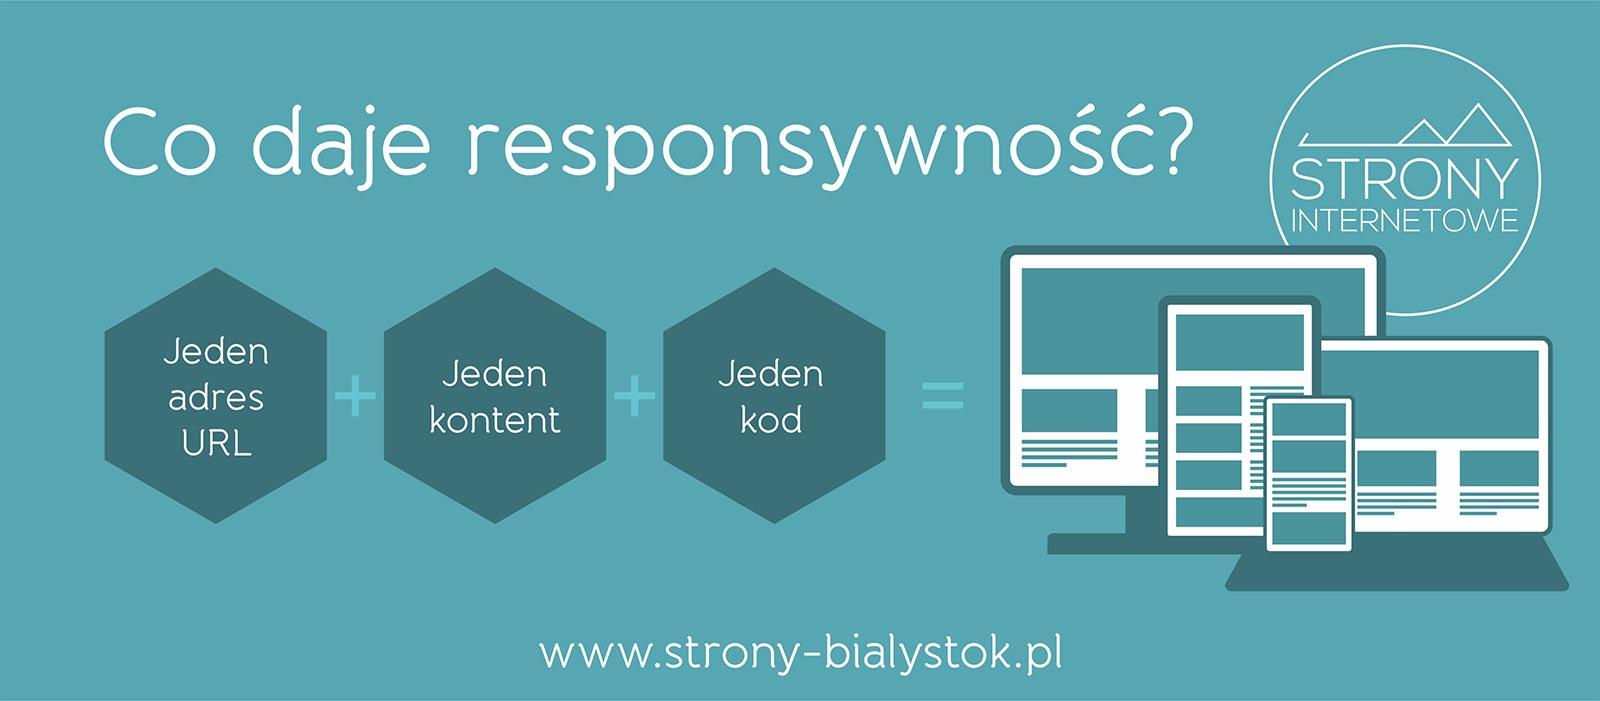 Białystok - Responsywność stron internetowych